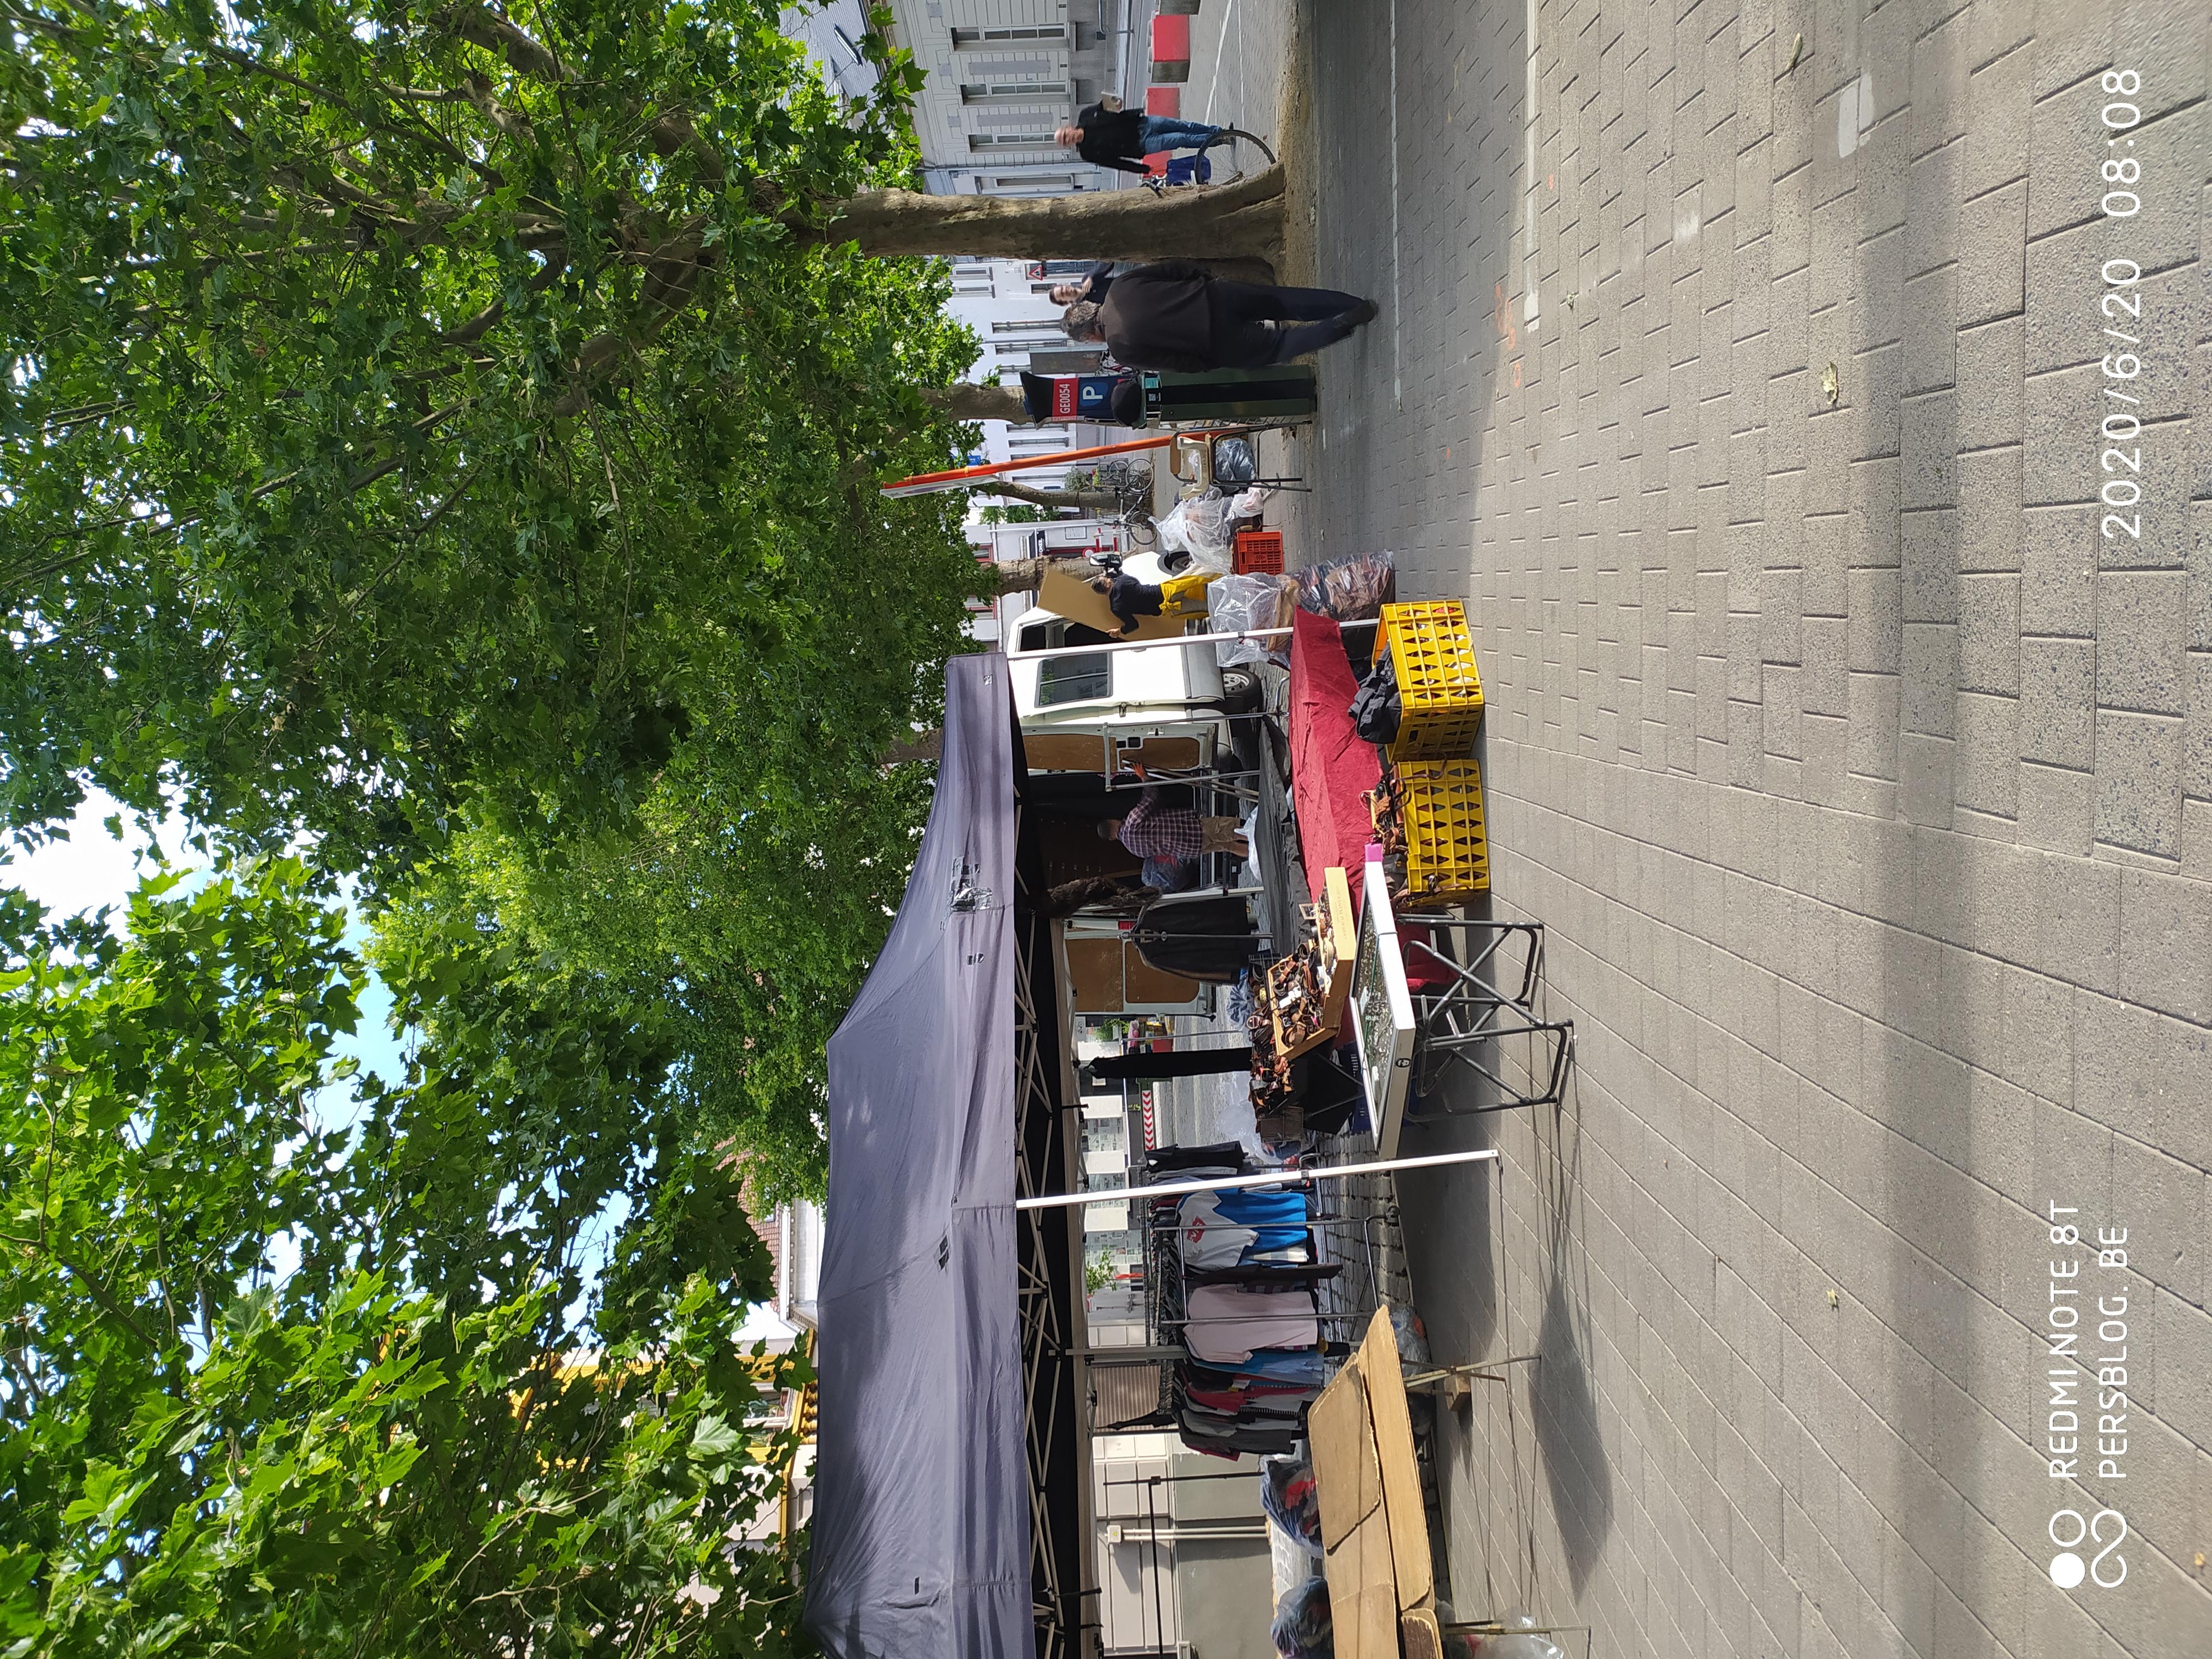 Bij Sint-Jacobs - Prondelmarkt IMG_20200620_080807 (1)